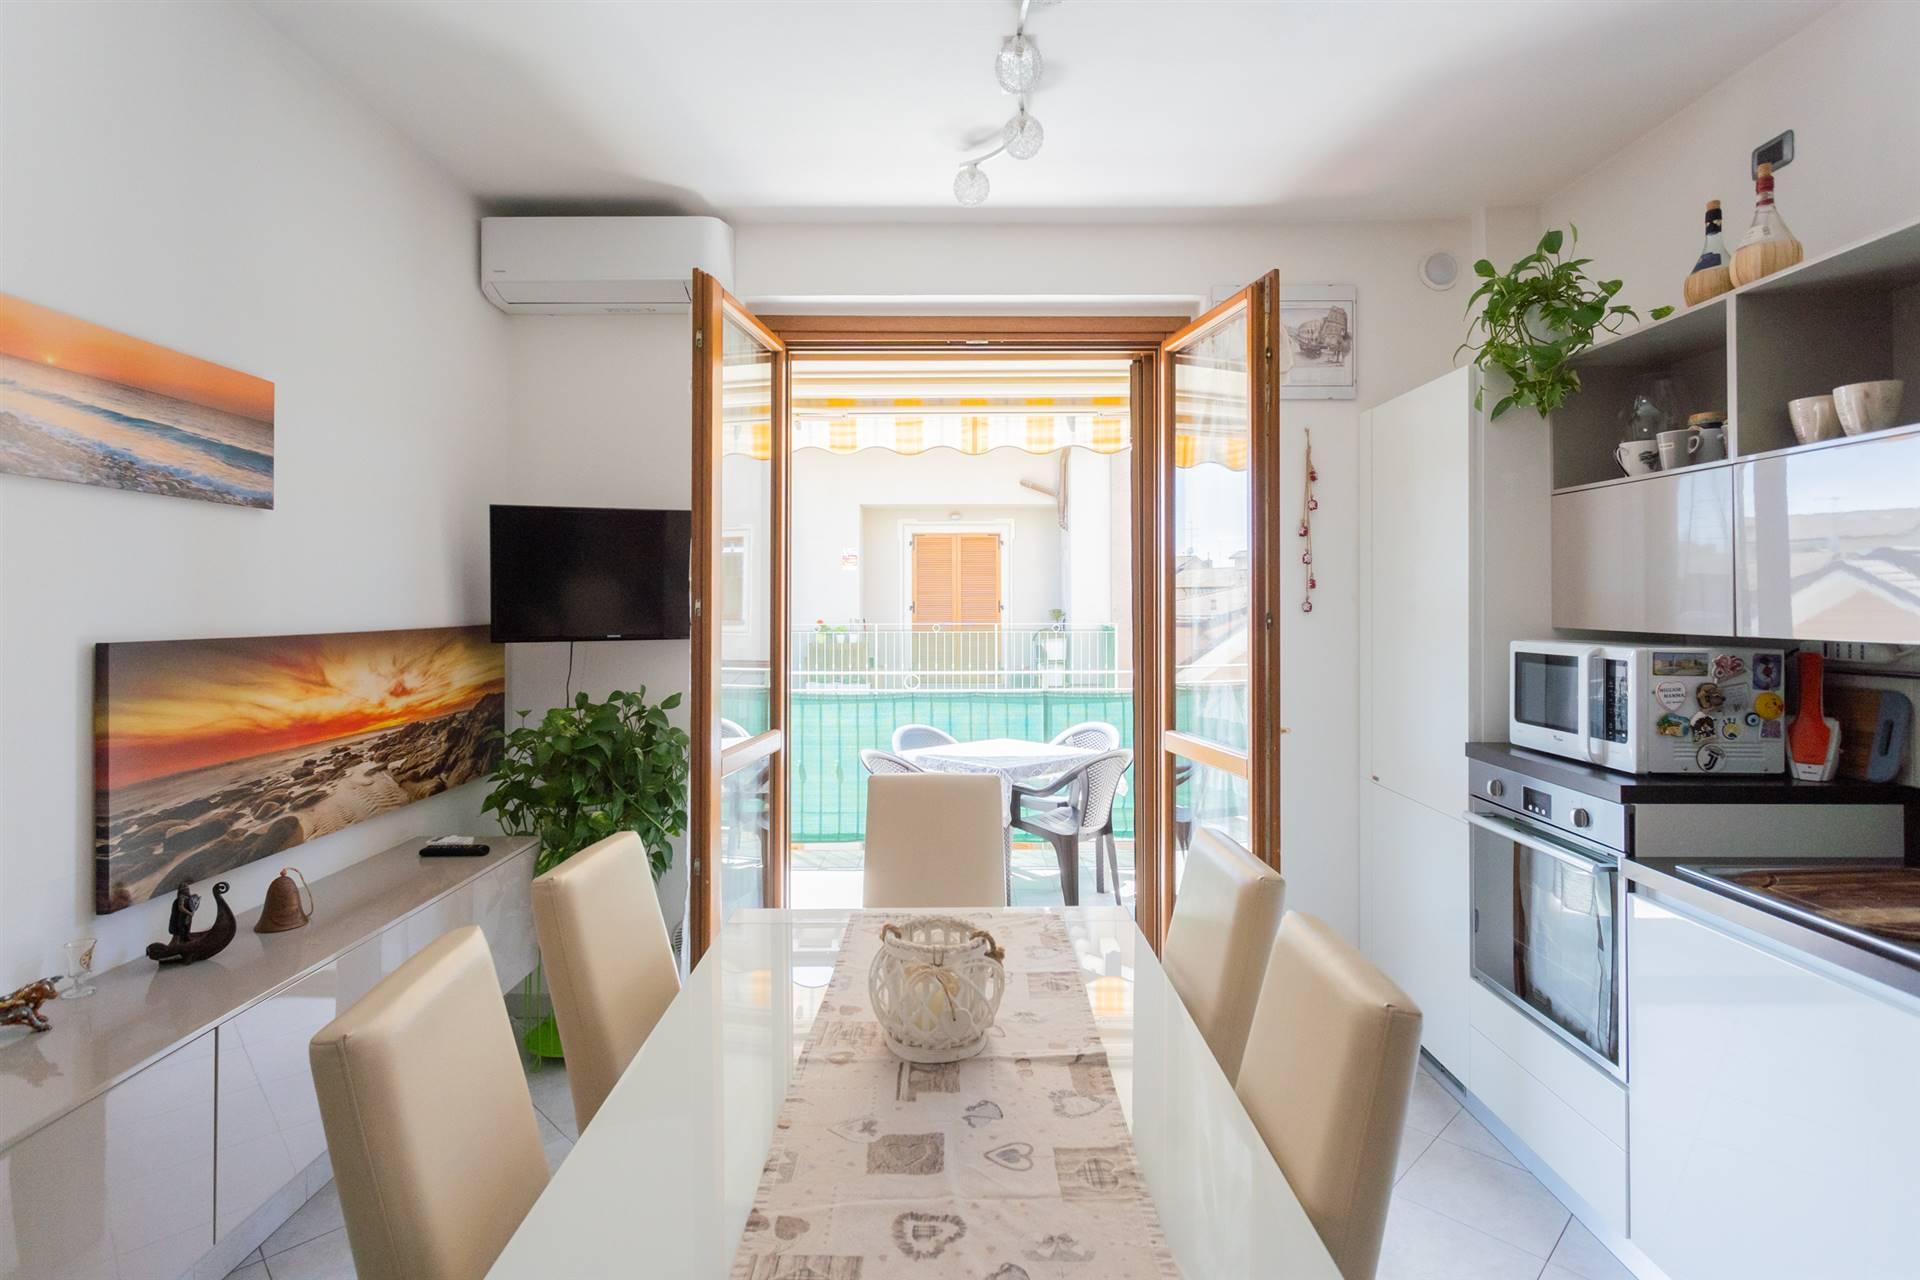 Appartamento in vendita a Cornate d'Adda, 4 locali, zona Zona: Porto d'Adda, prezzo € 149.000 | CambioCasa.it